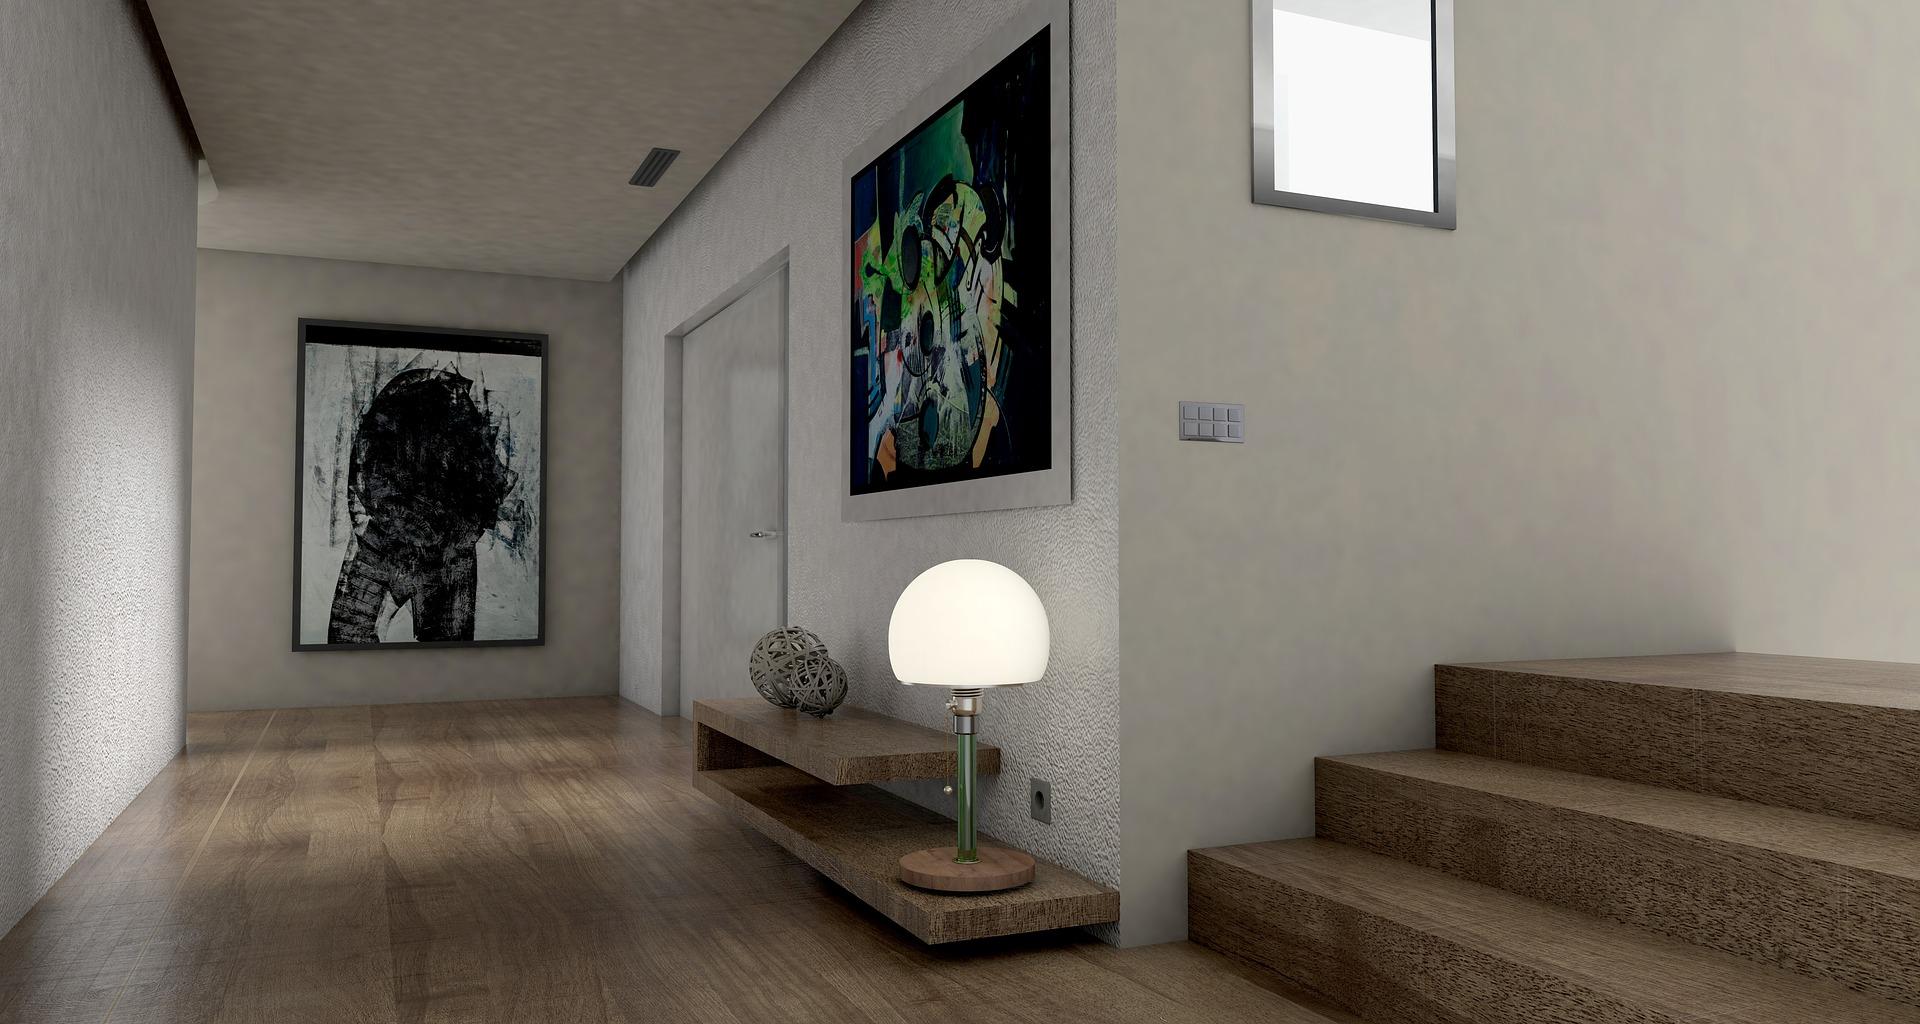 בית מעוצב ומסודר עם תמונות על הקירות